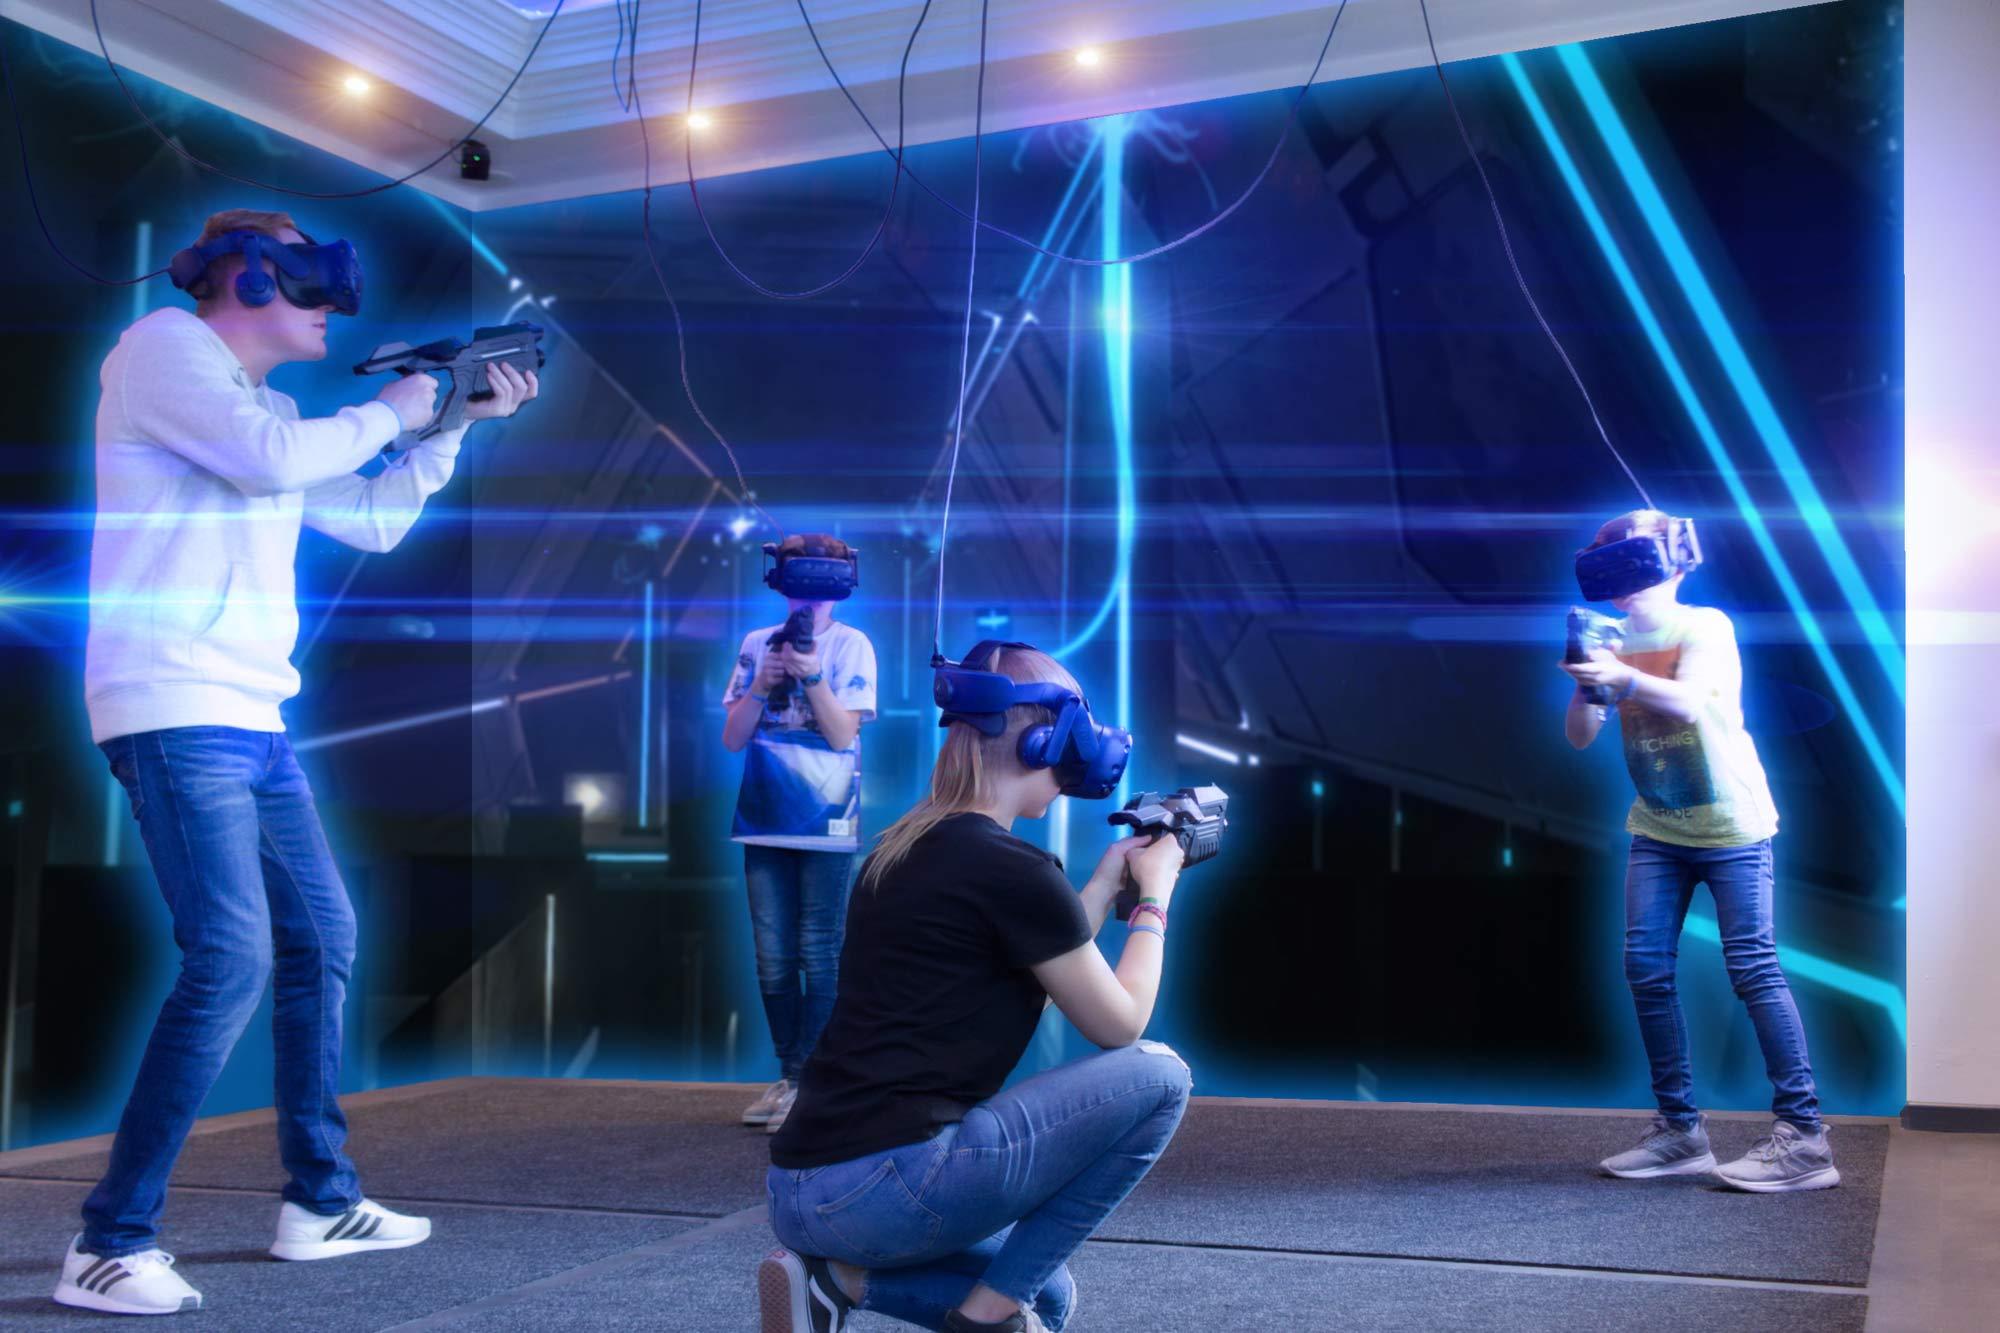 Spieler spielen Towertag in der VR ARENA.